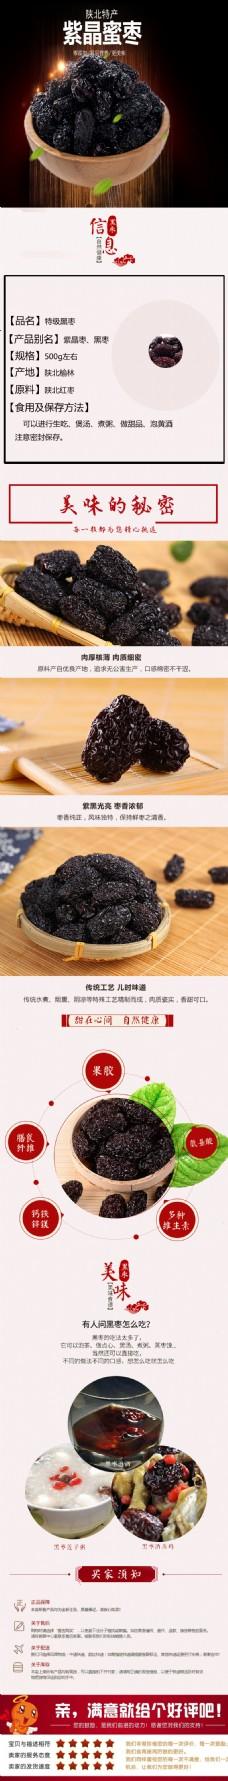 紫晶蜜枣淘宝详情页